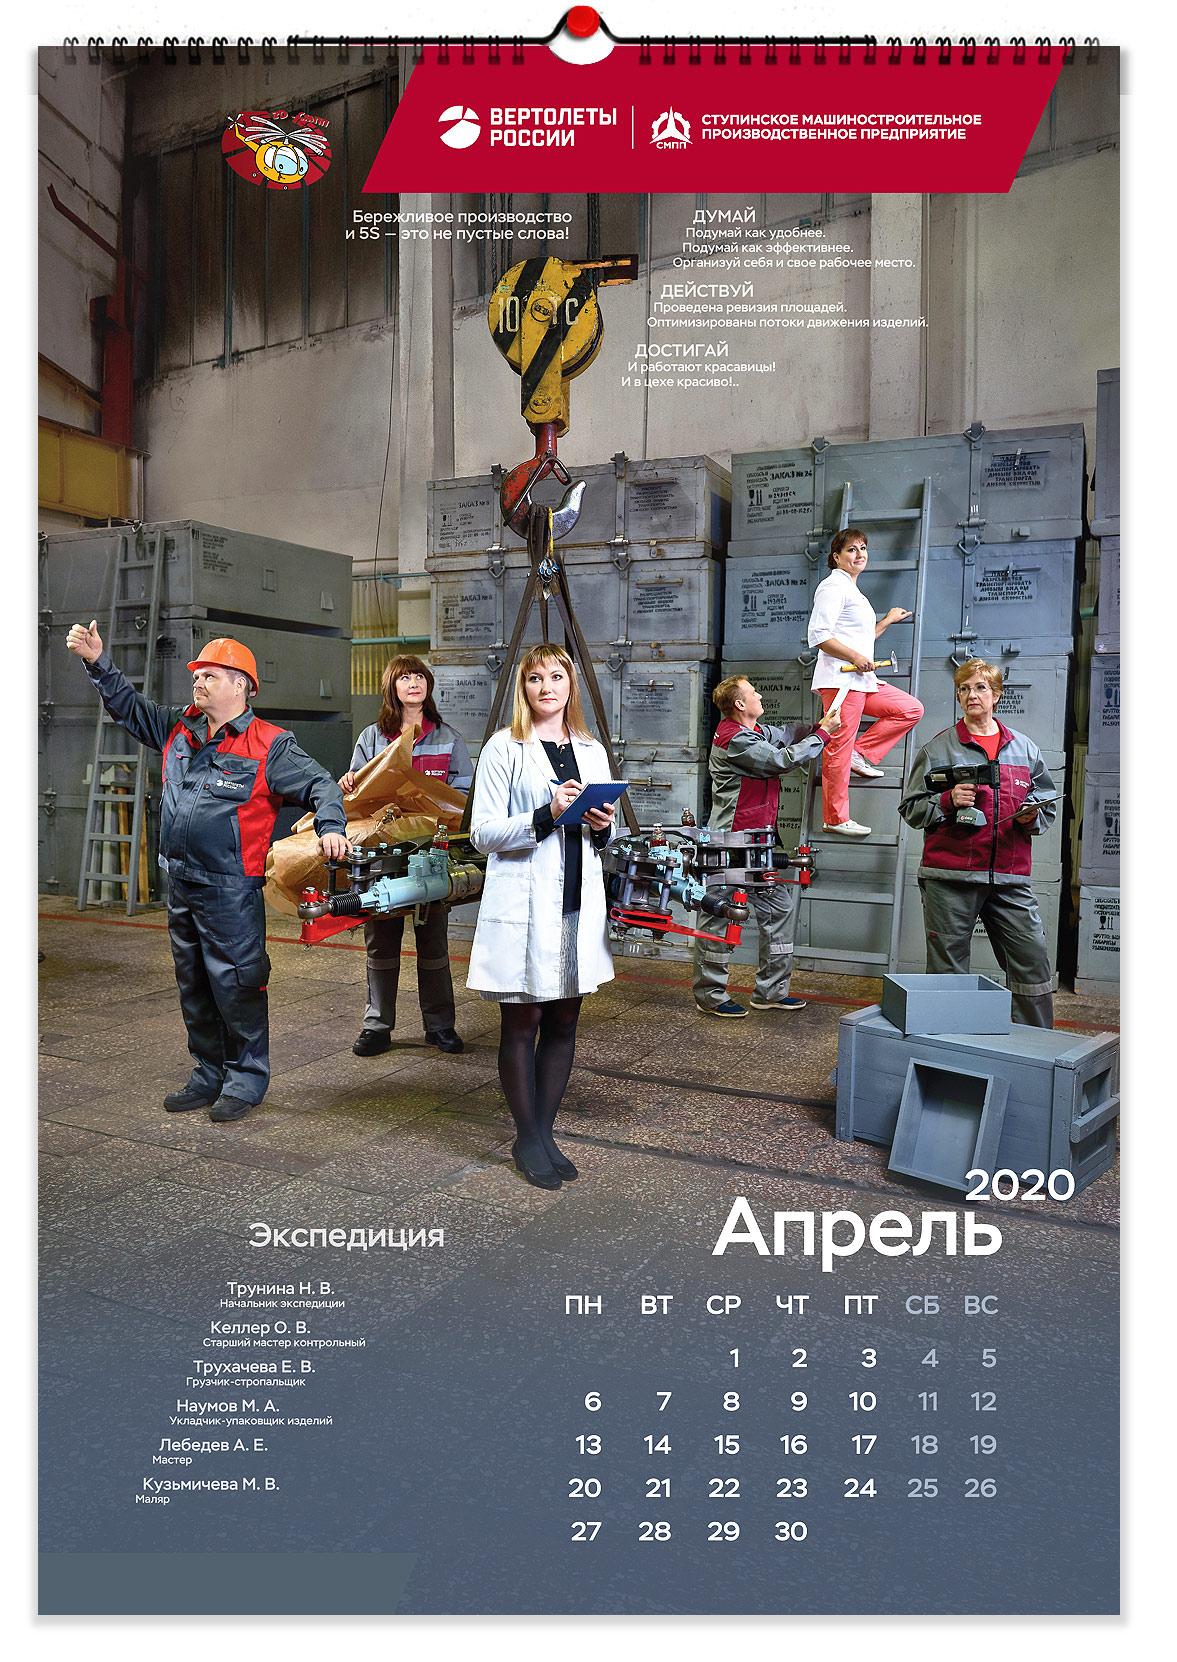 Календарь А2 с сотрудниками СМПП «Вертолеты России» 2020